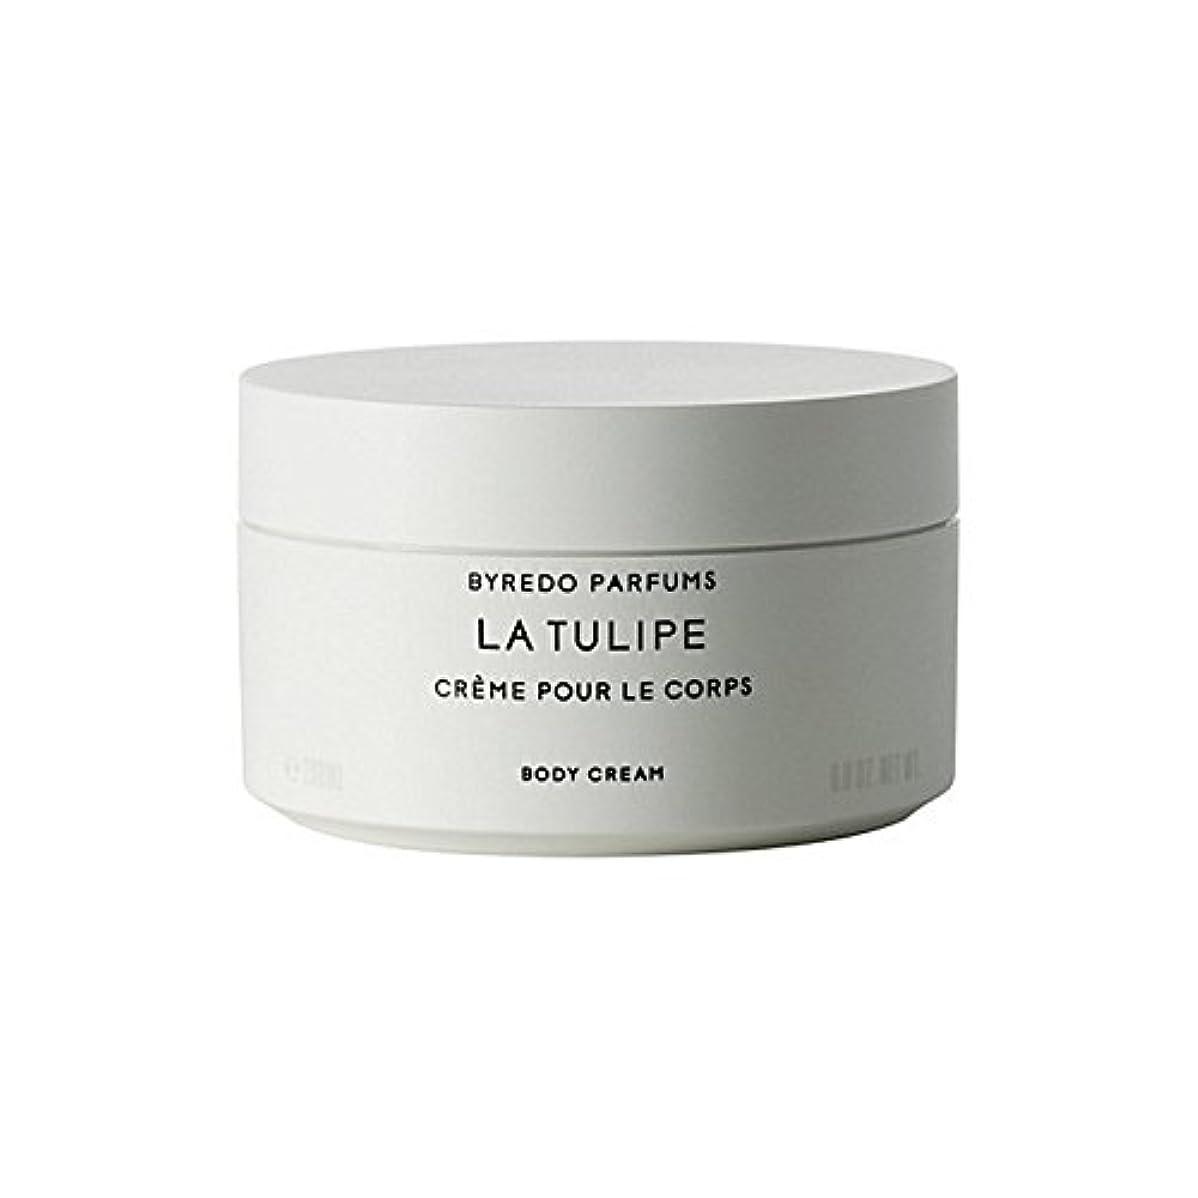 確かめる代わりに百万ラチューリップボディクリーム200ミリリットル x2 - Byredo La Tulipe Body Cream 200ml (Pack of 2) [並行輸入品]